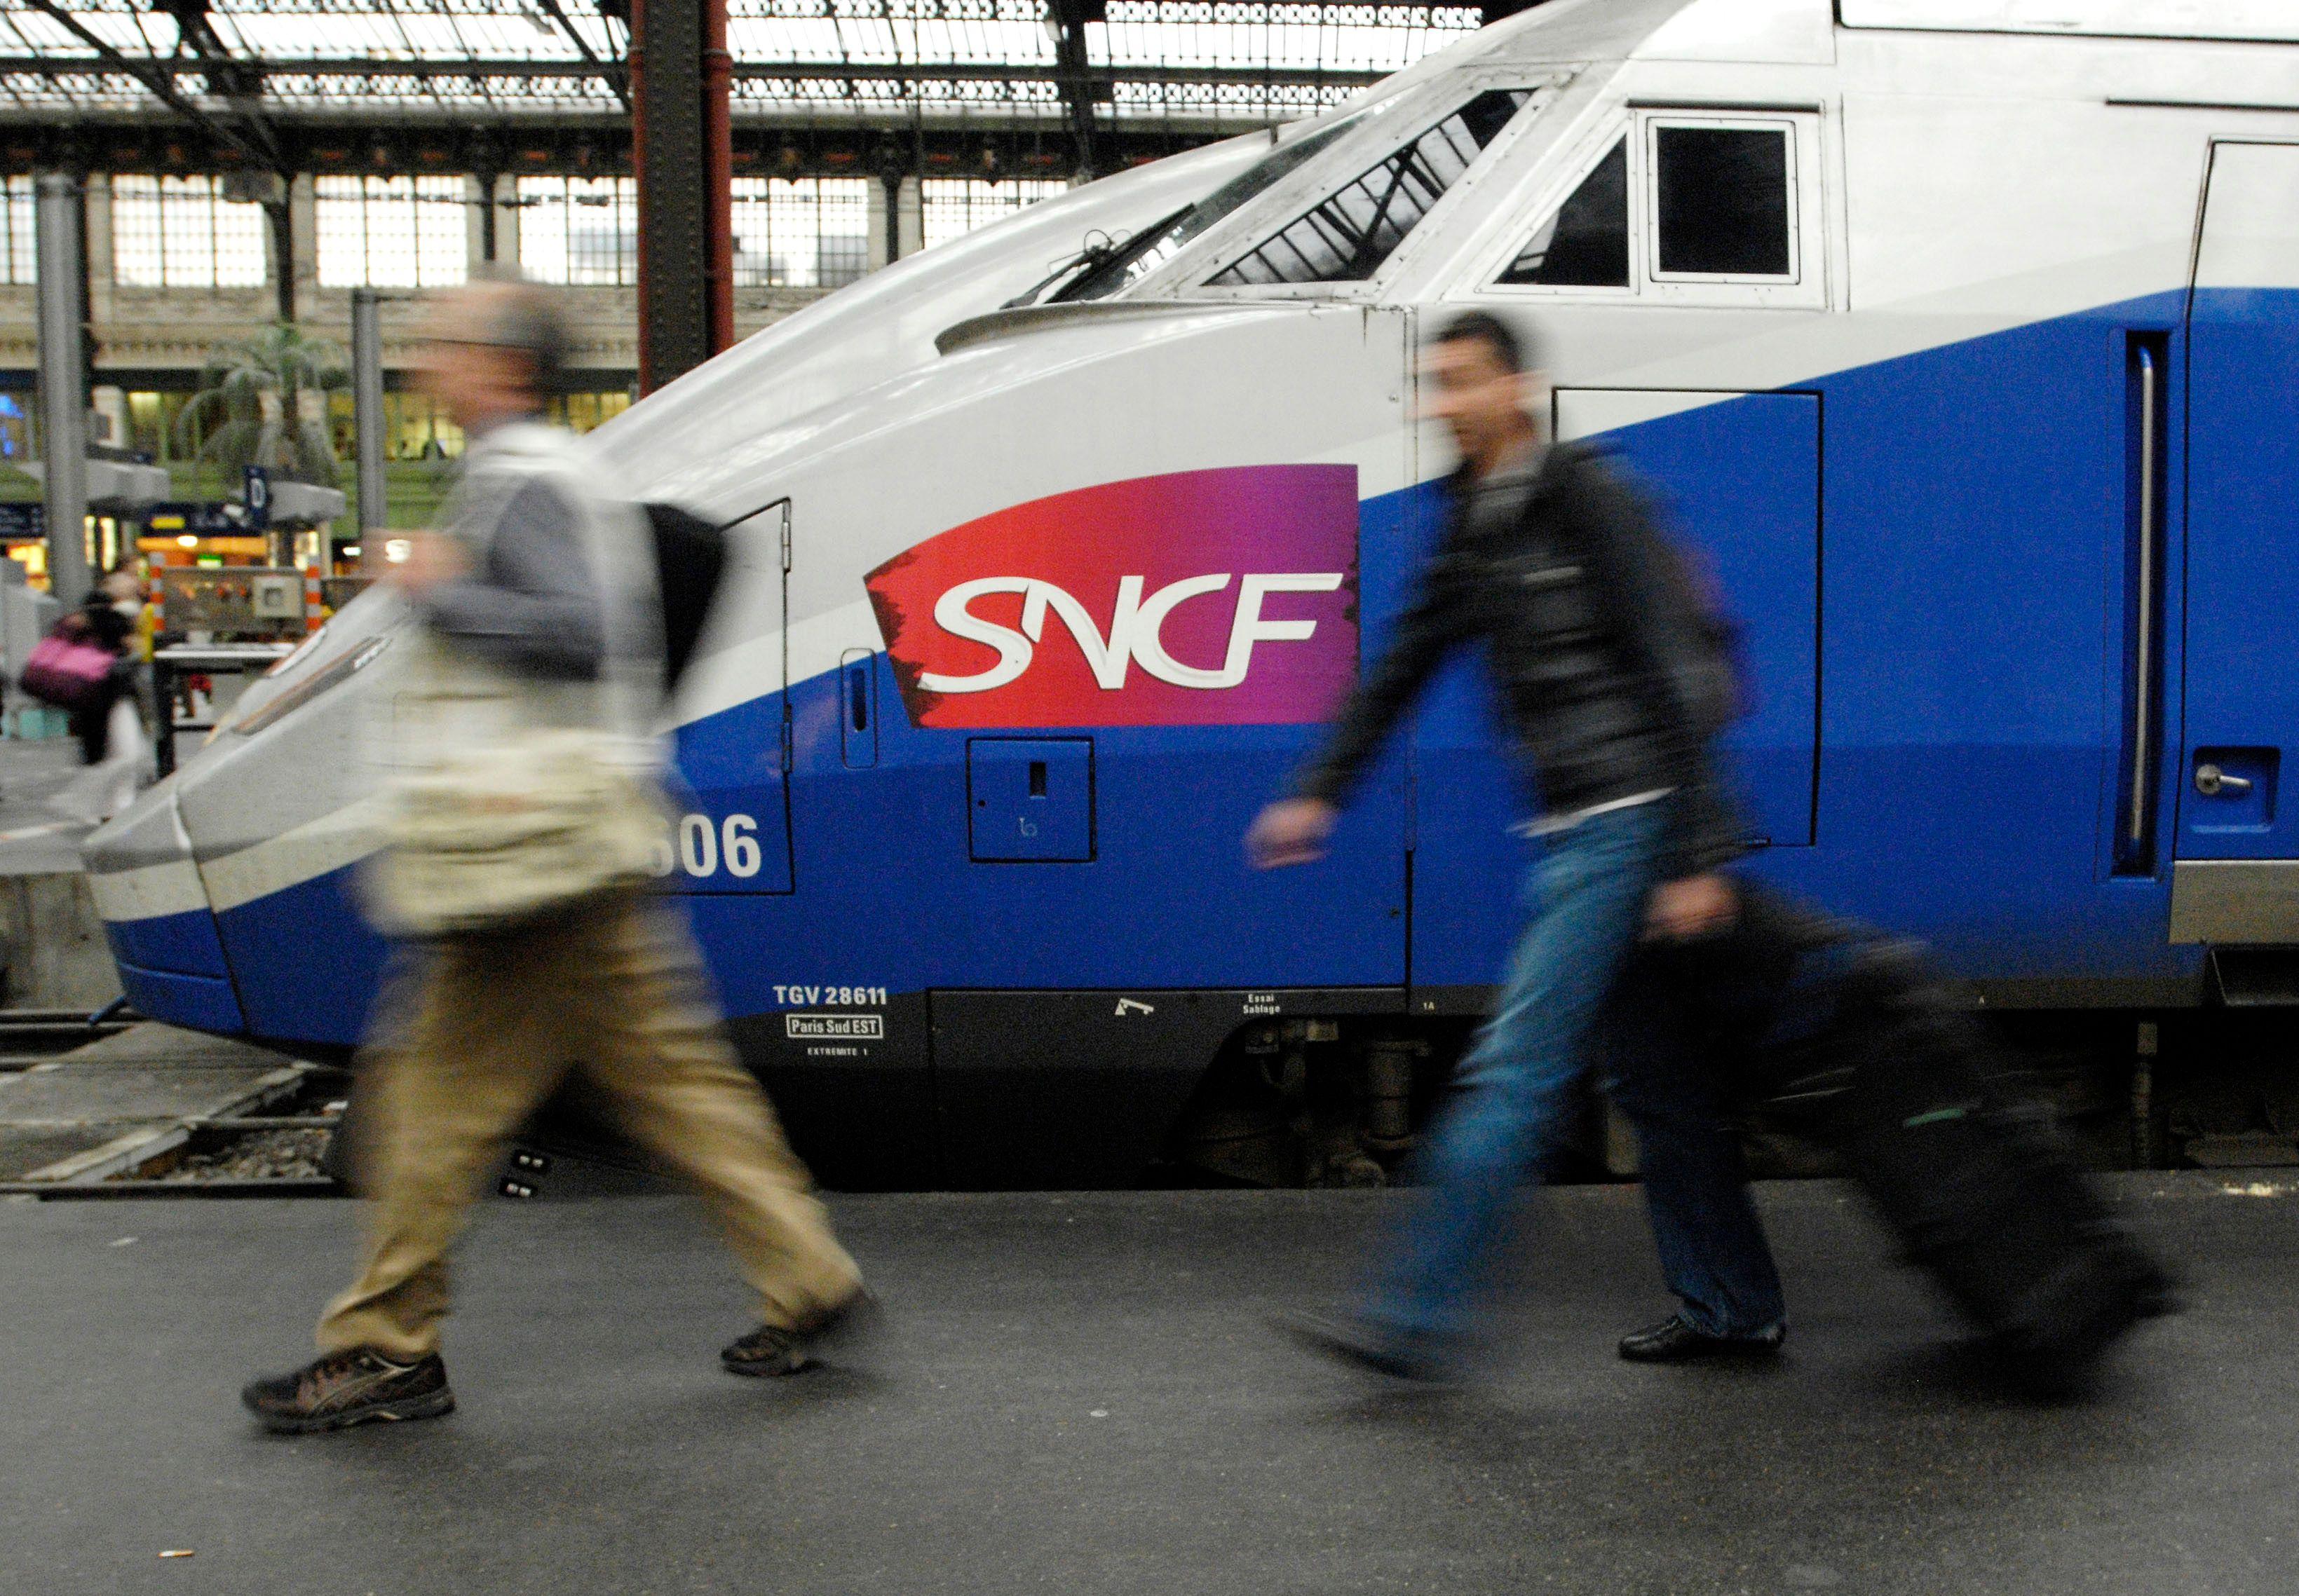 La SNCF, ce n'est plus seulement des trains